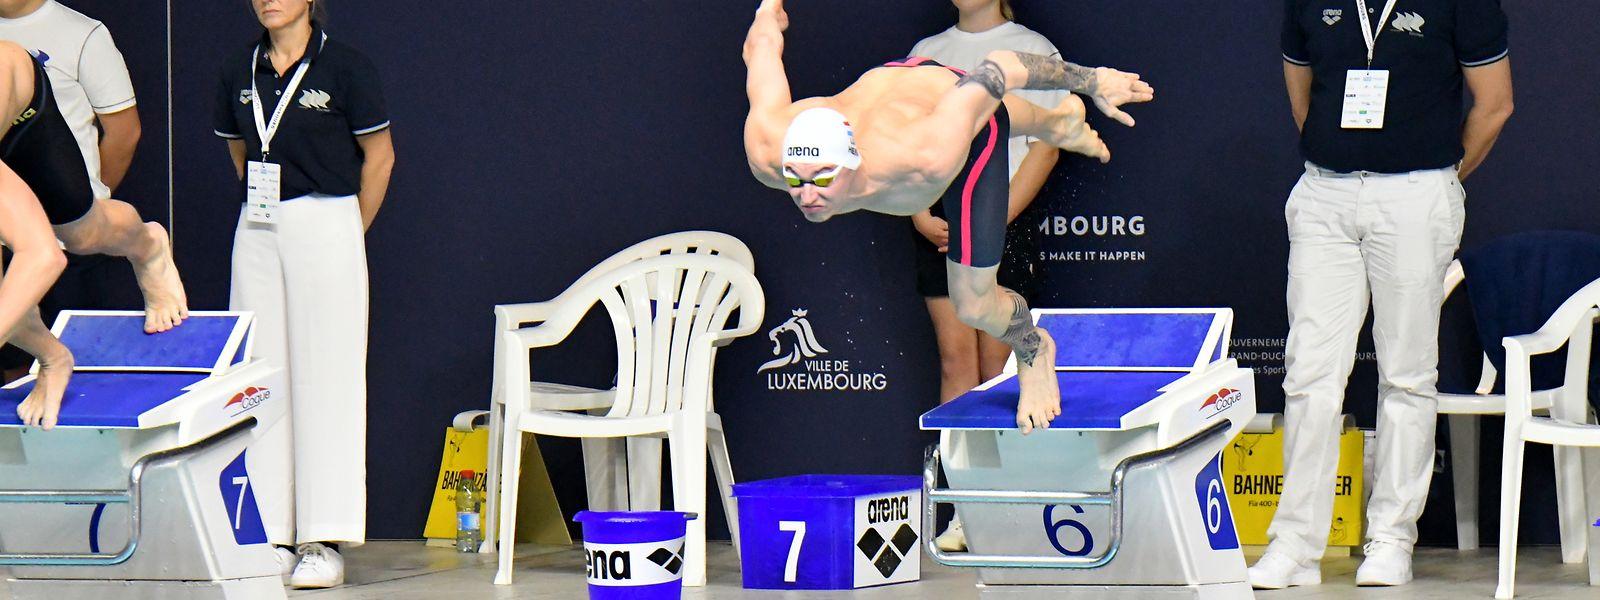 Julien Henx und die Luxemburger Schwimmer werden sich nicht in der Coque mit der internationalen Konkurrenz messen können.